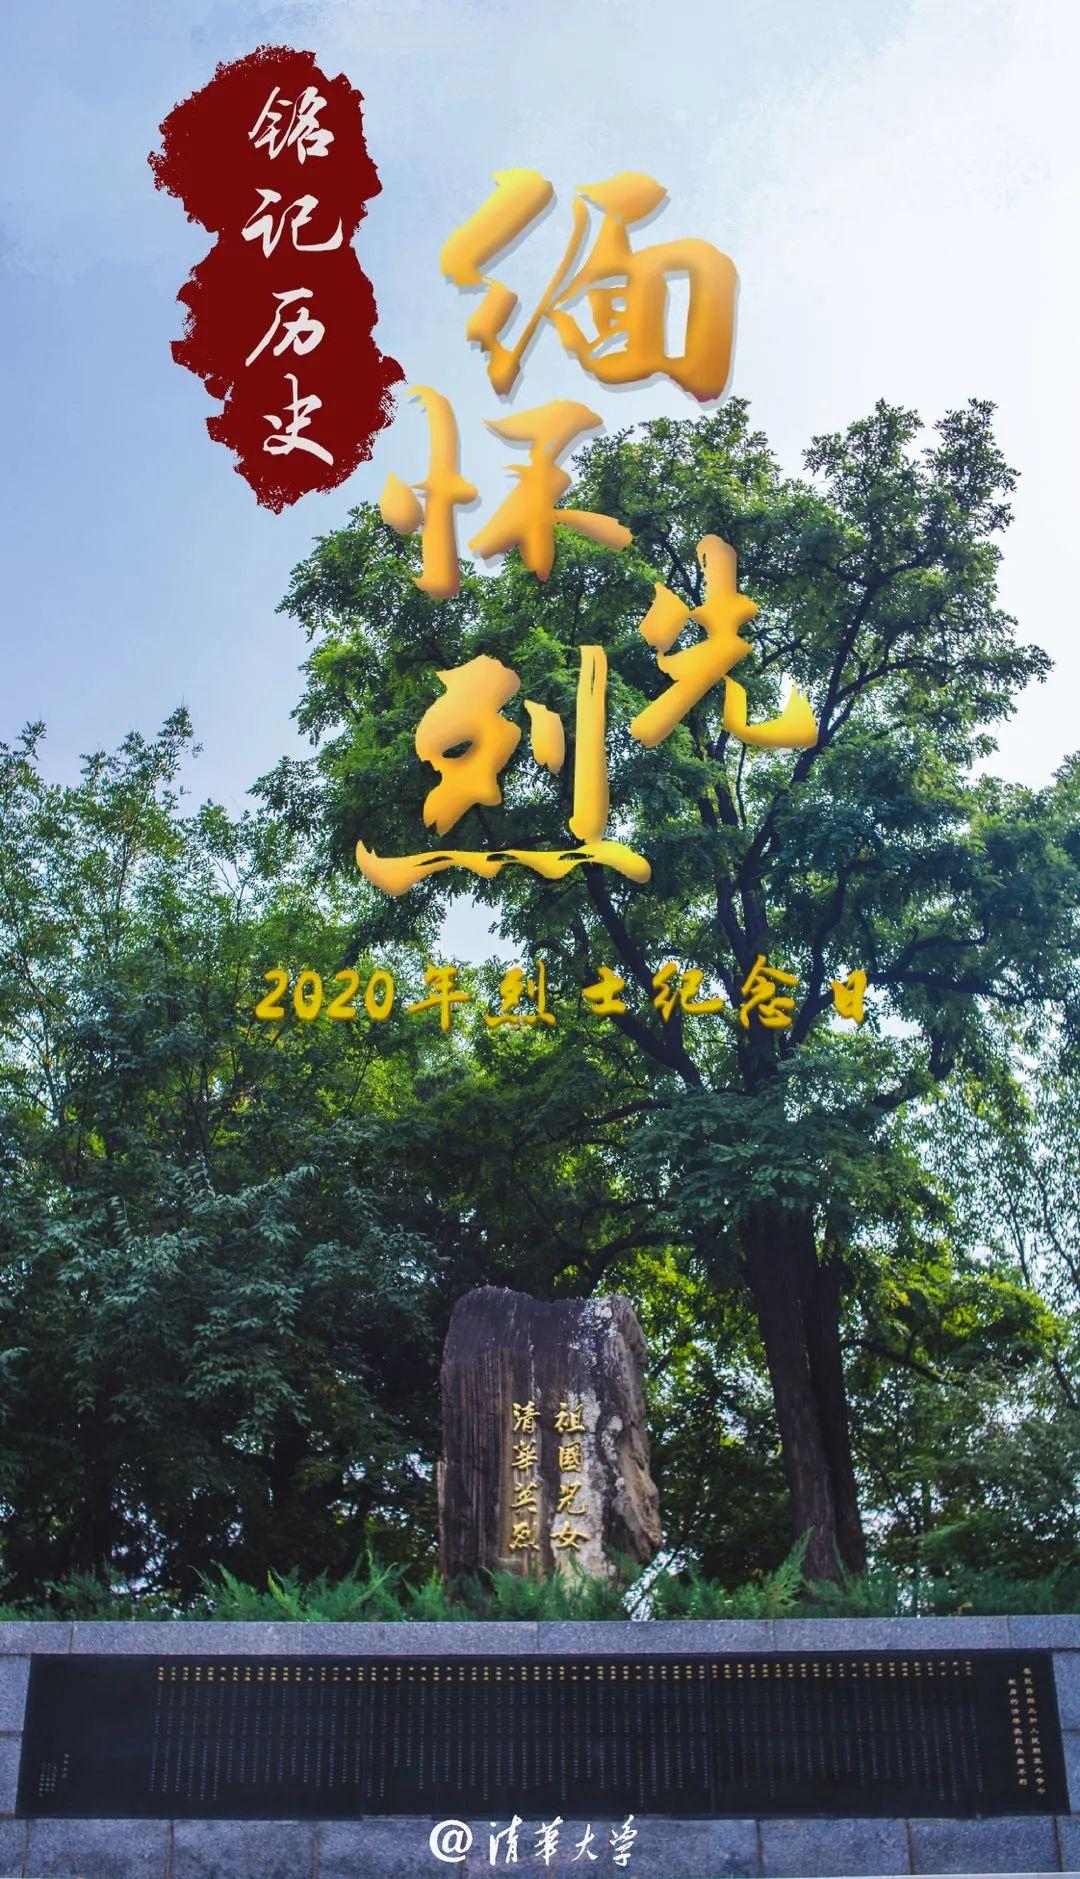 清华大学举行2020年烈士纪念日祭扫活动图片